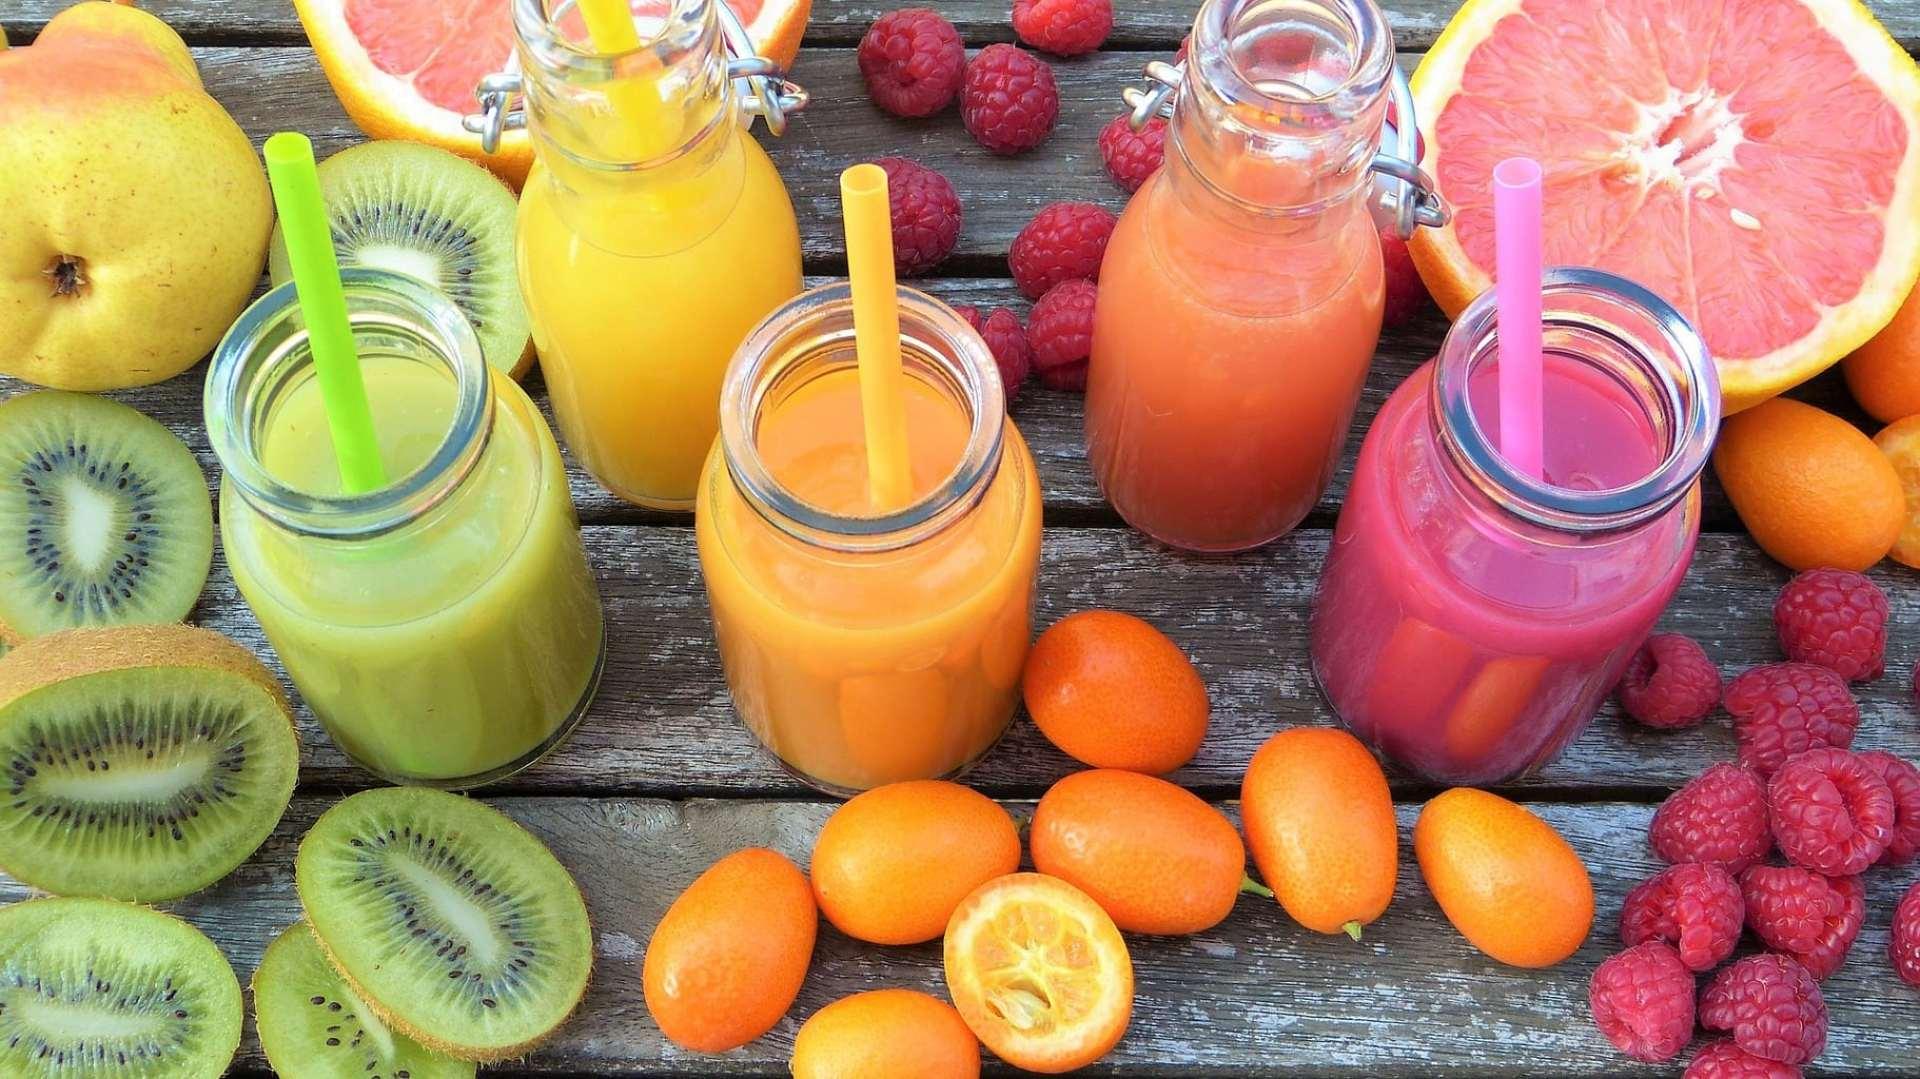 Licuados or fruit shakes